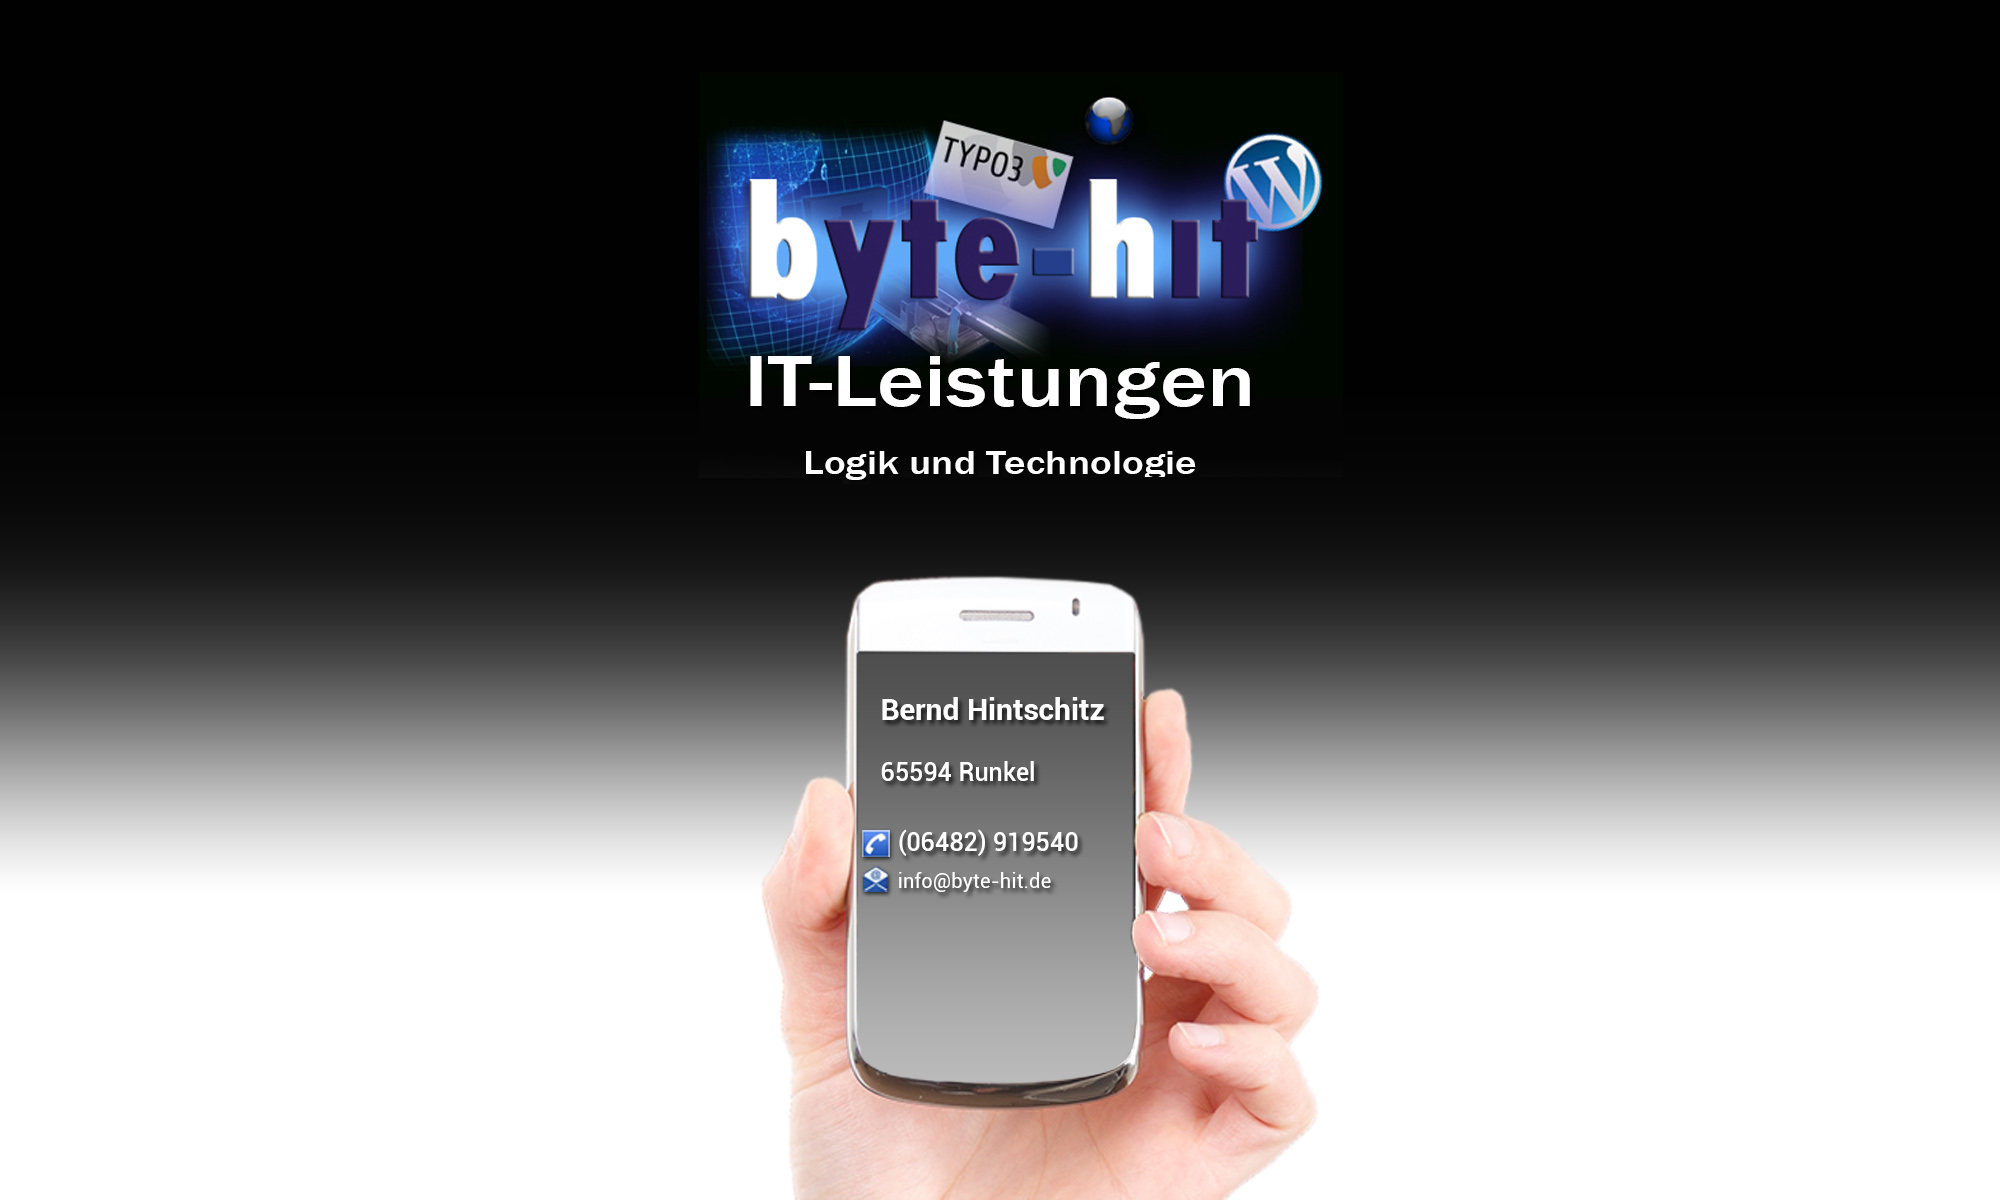 byte-hit.de